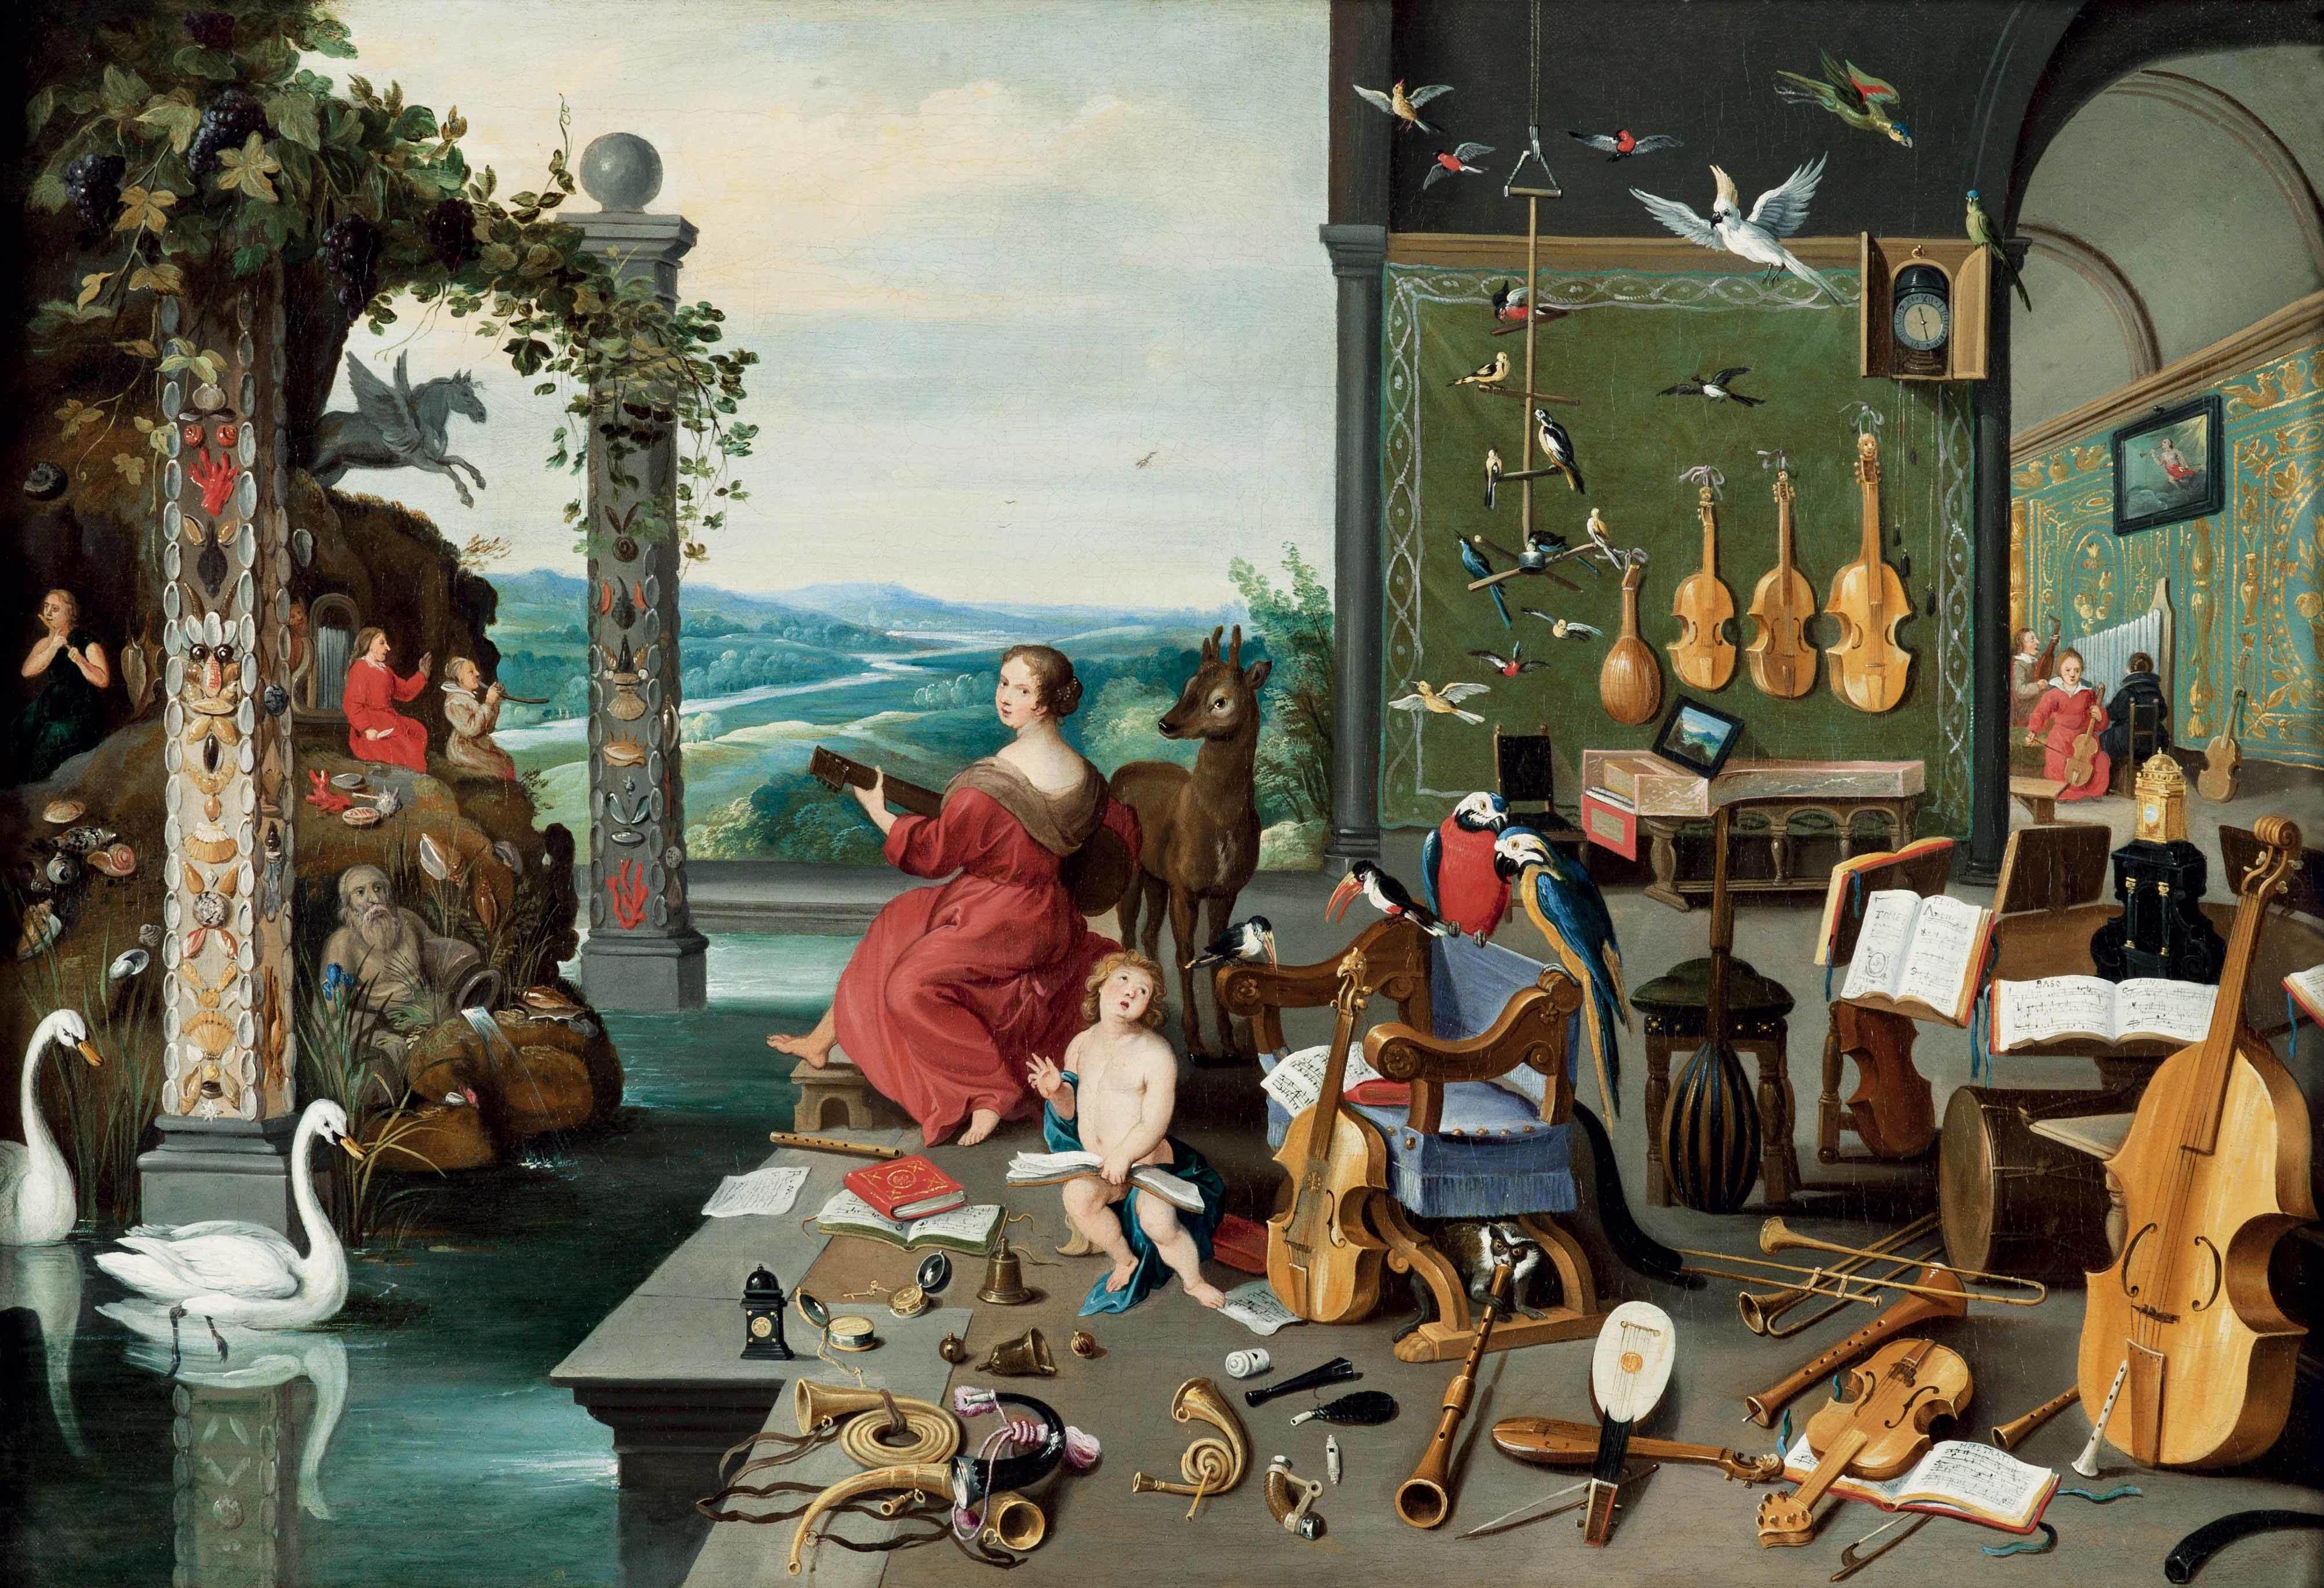 ヤン・ブリューゲル2世《聴覚の寓意》1645-1650年頃   Private Collection